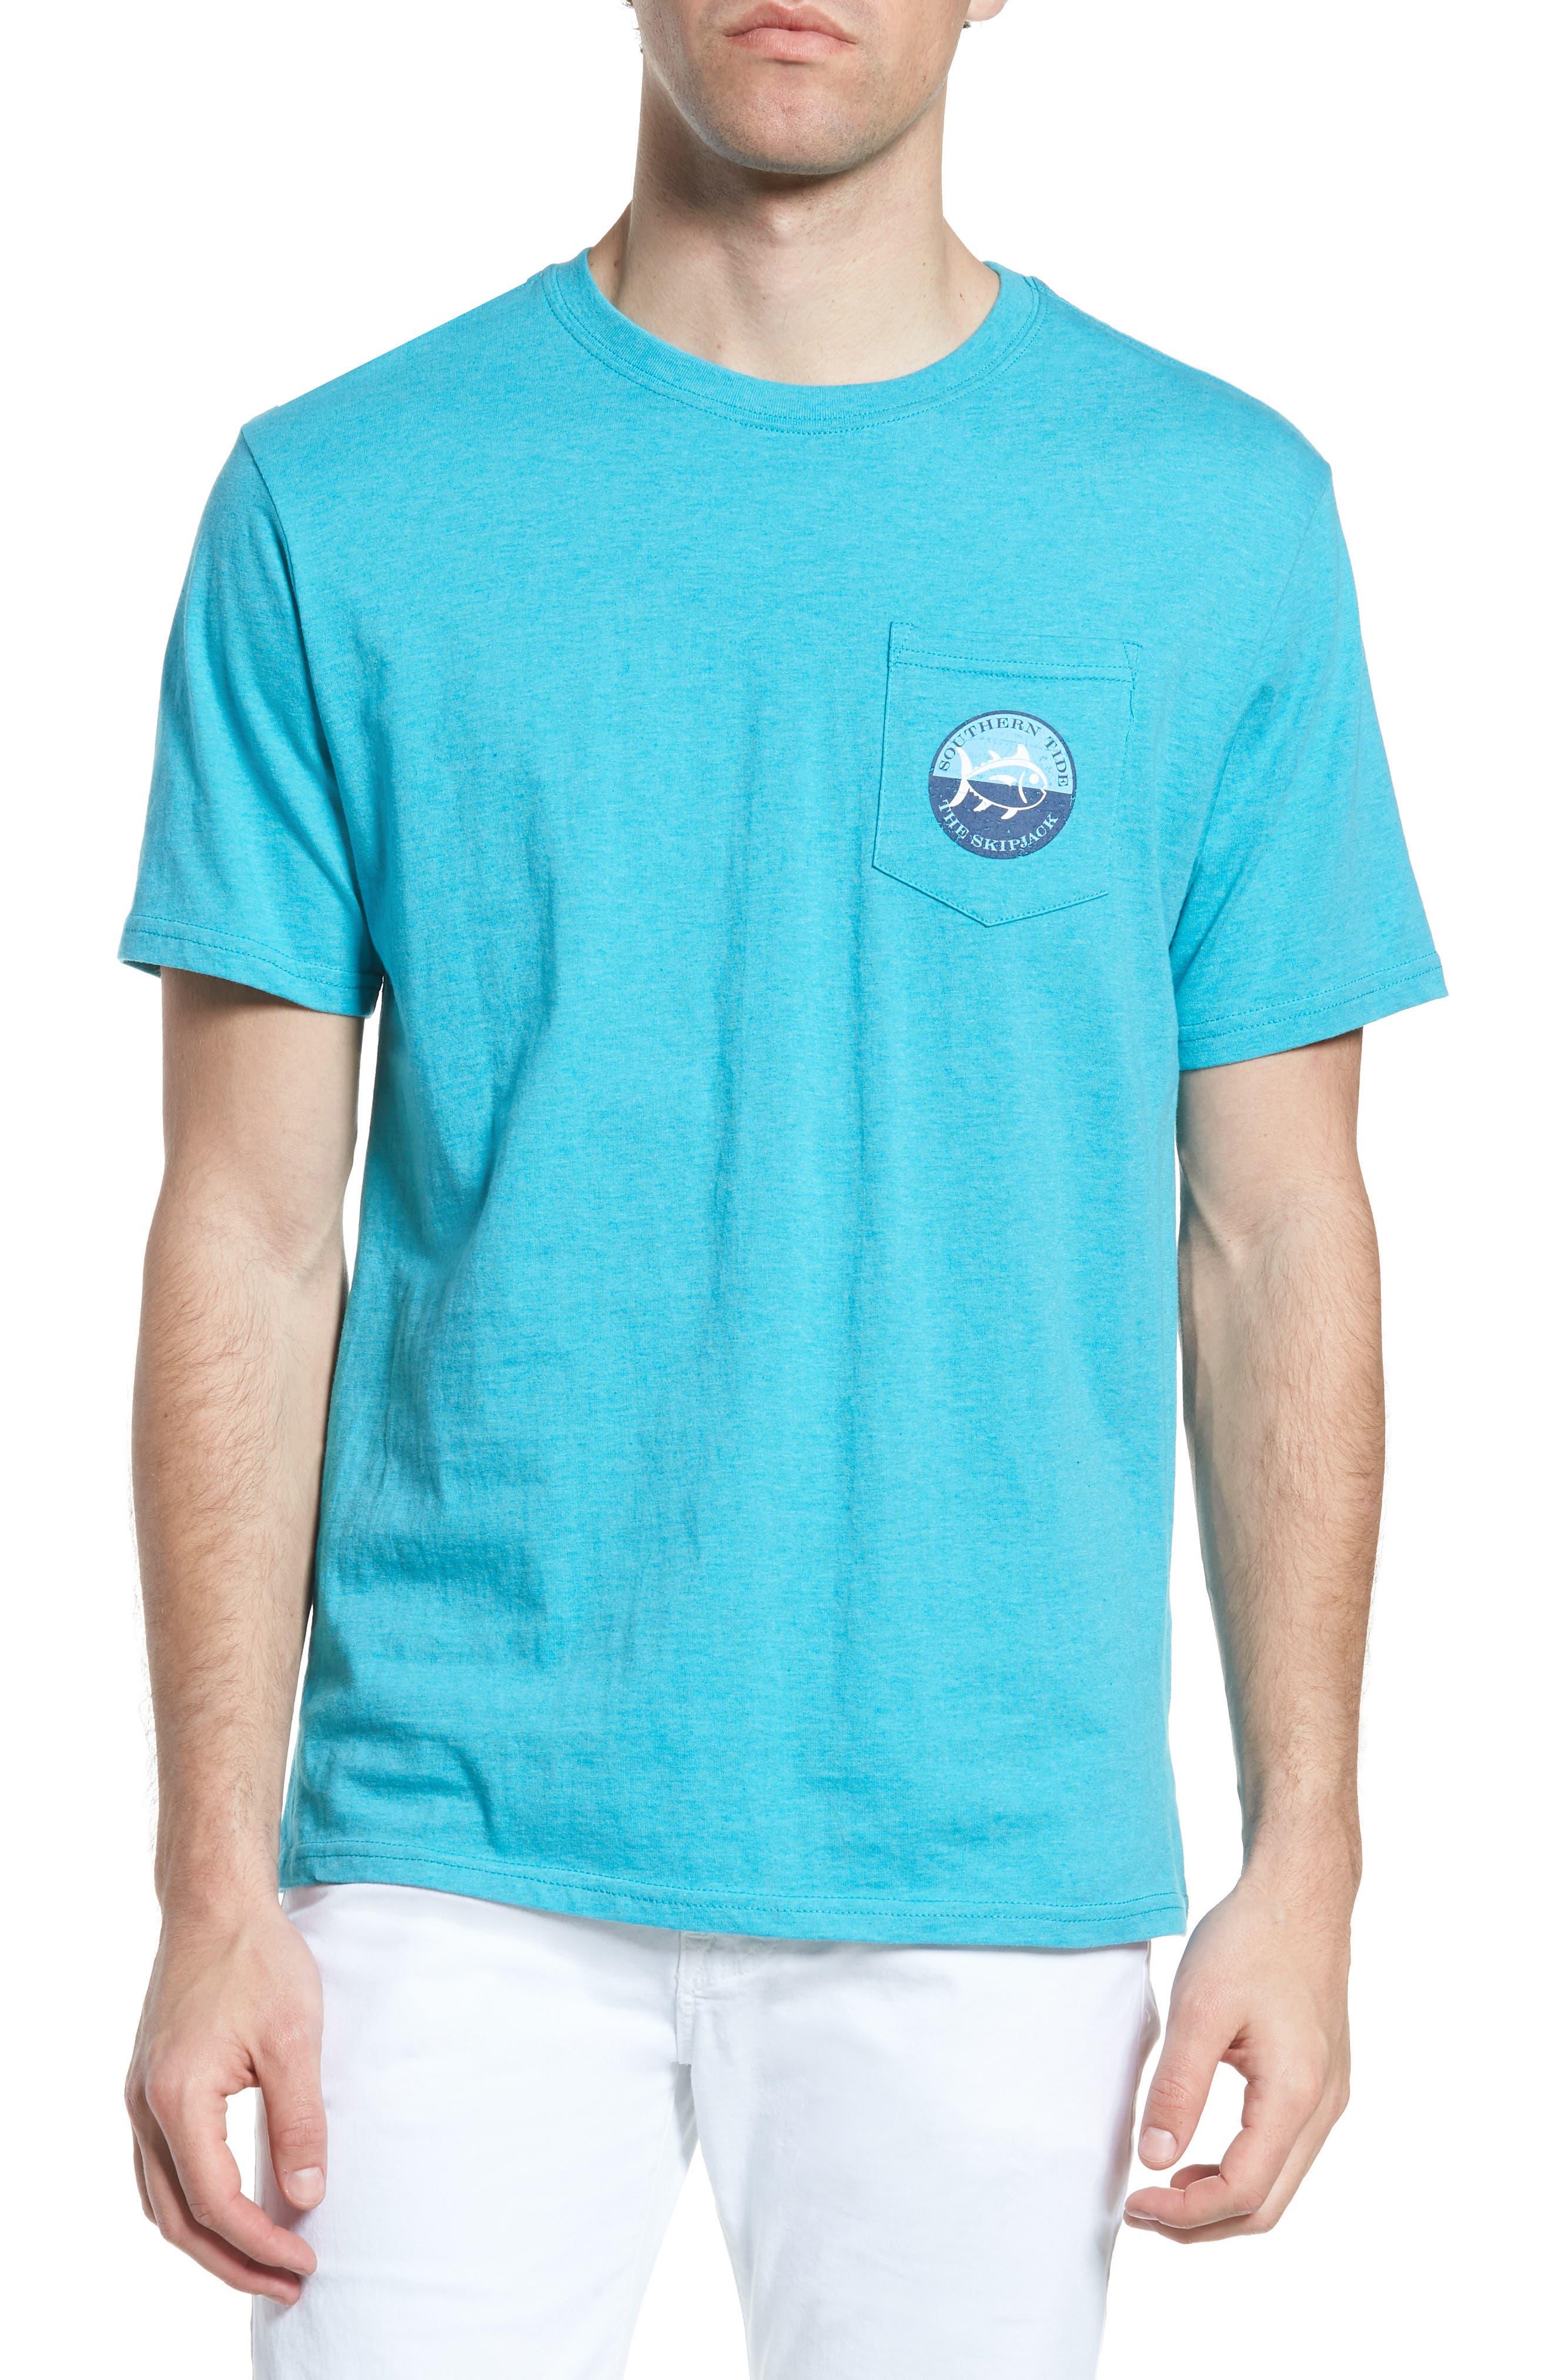 Southern Tide Skipjack Stamp Crewneck T-Shirt